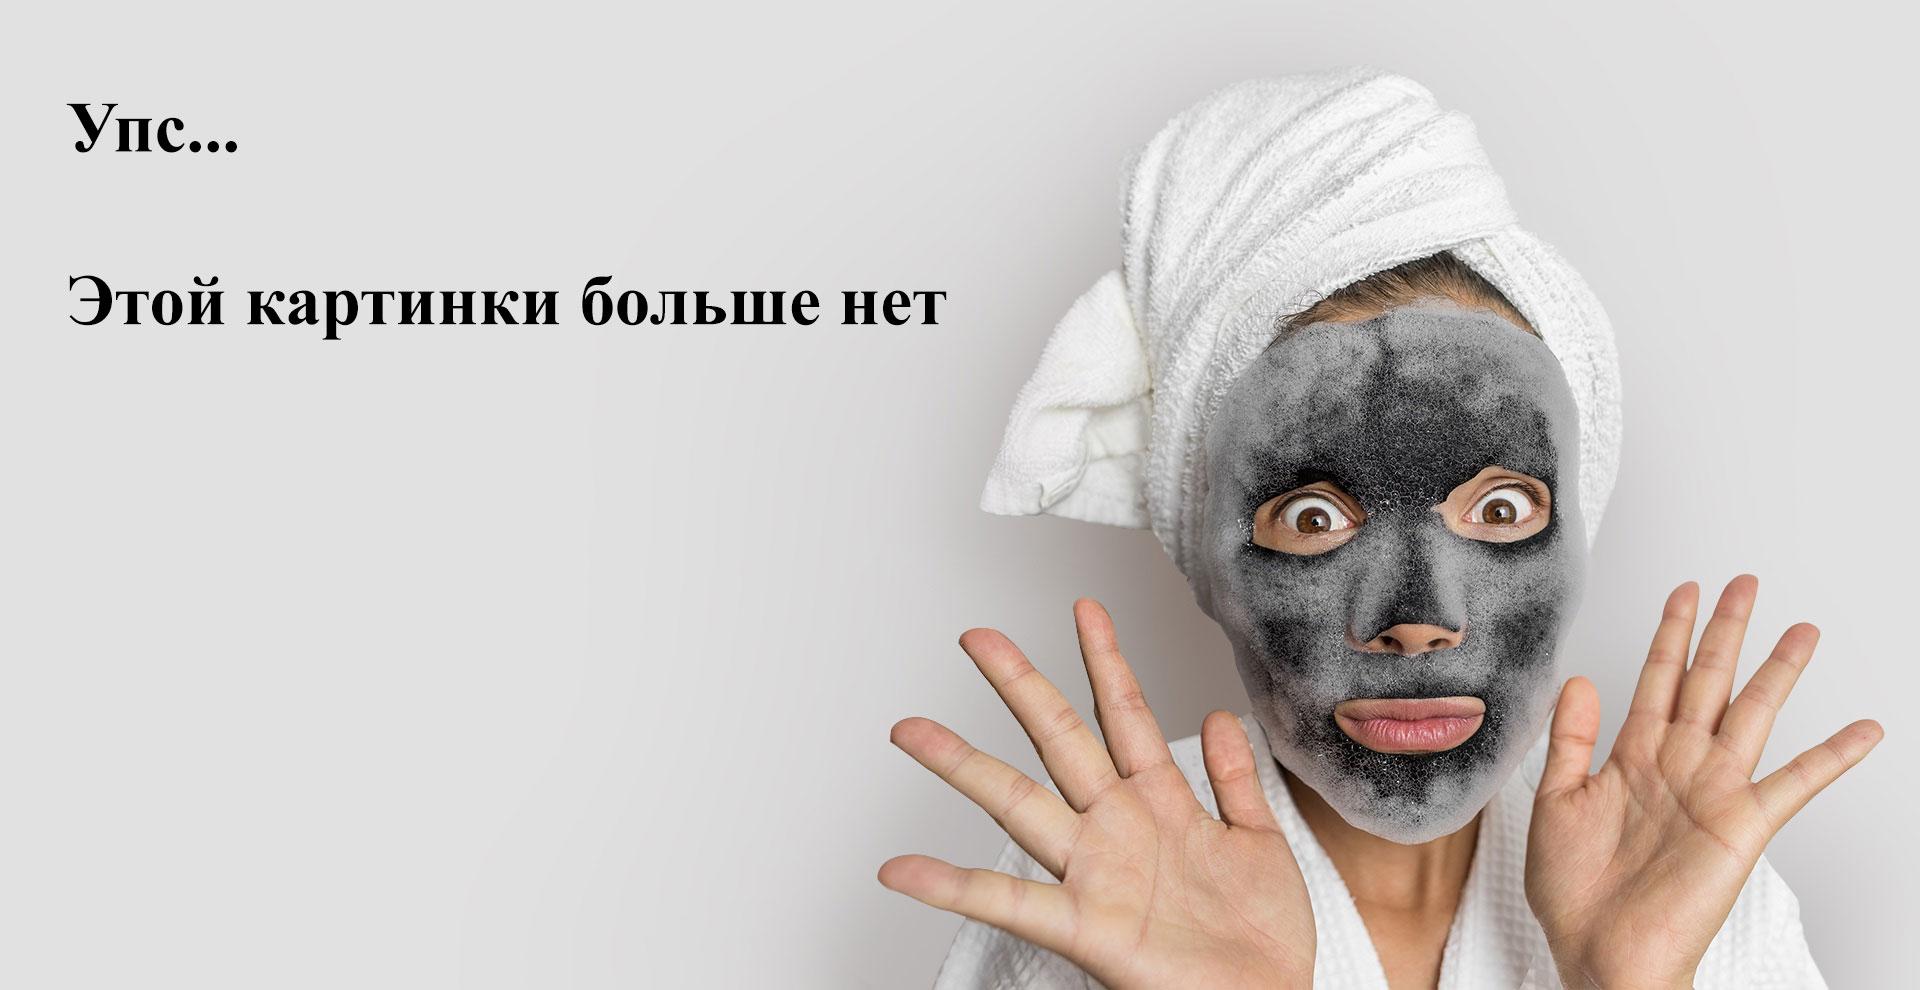 Lianail, Гель-лак для ногтей витражный, Мелисска (УЦЕНКА)